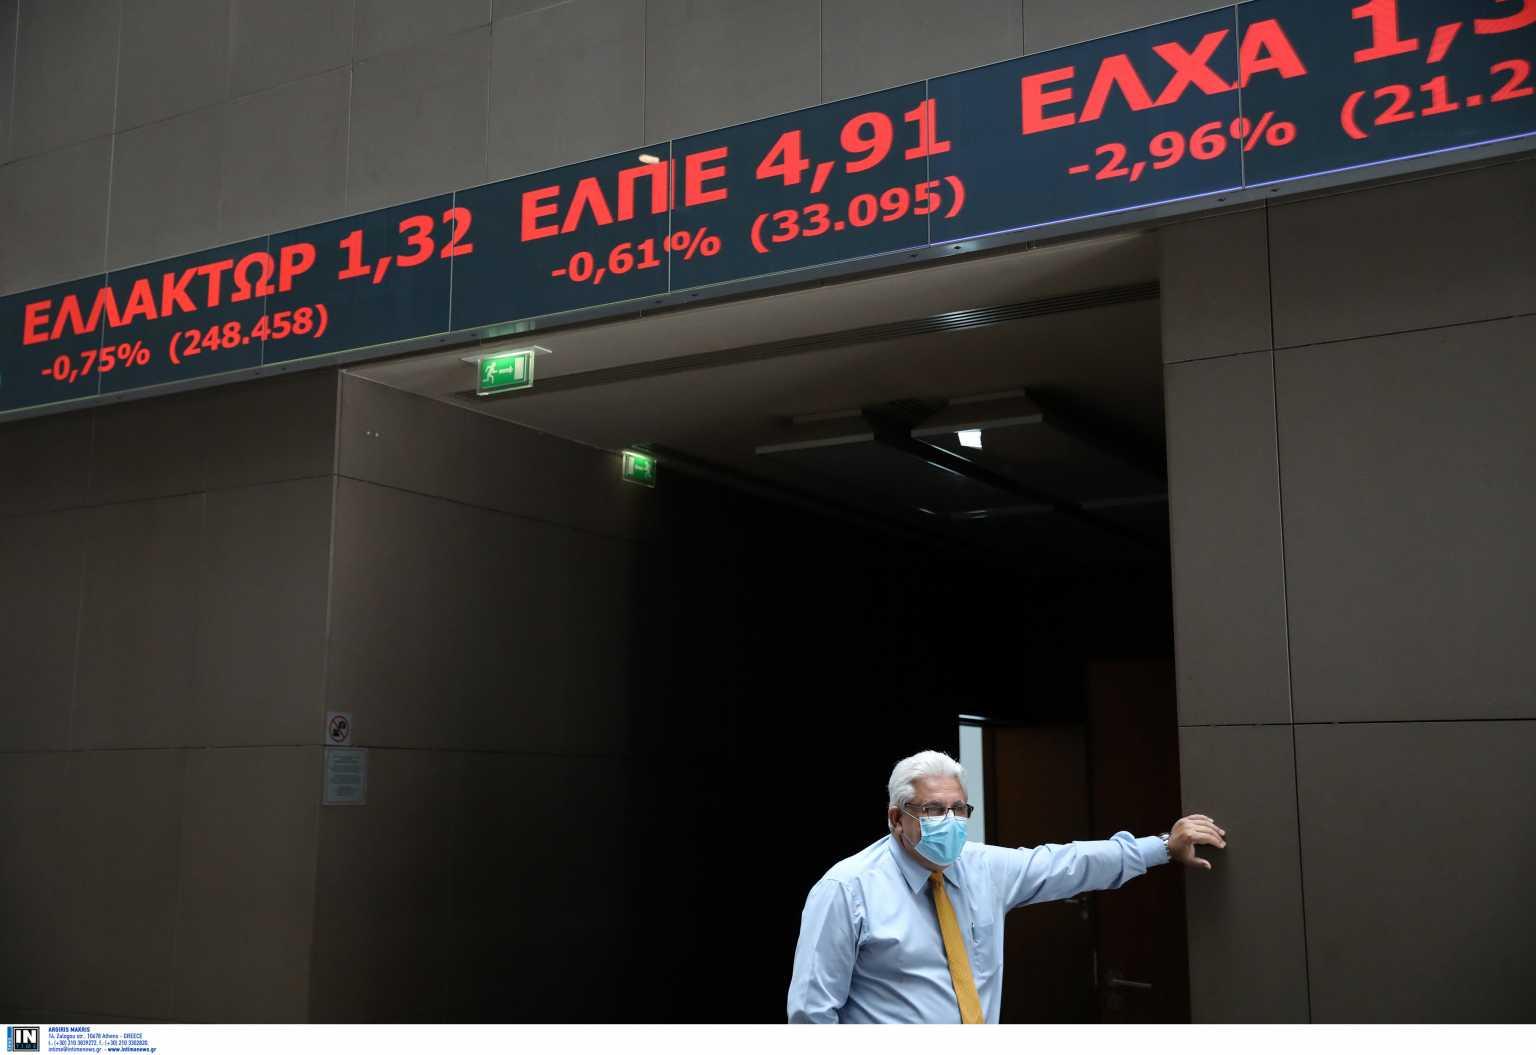 Χρηματιστήριο Αθηνών: Έκλεισε με ήπια πτώση